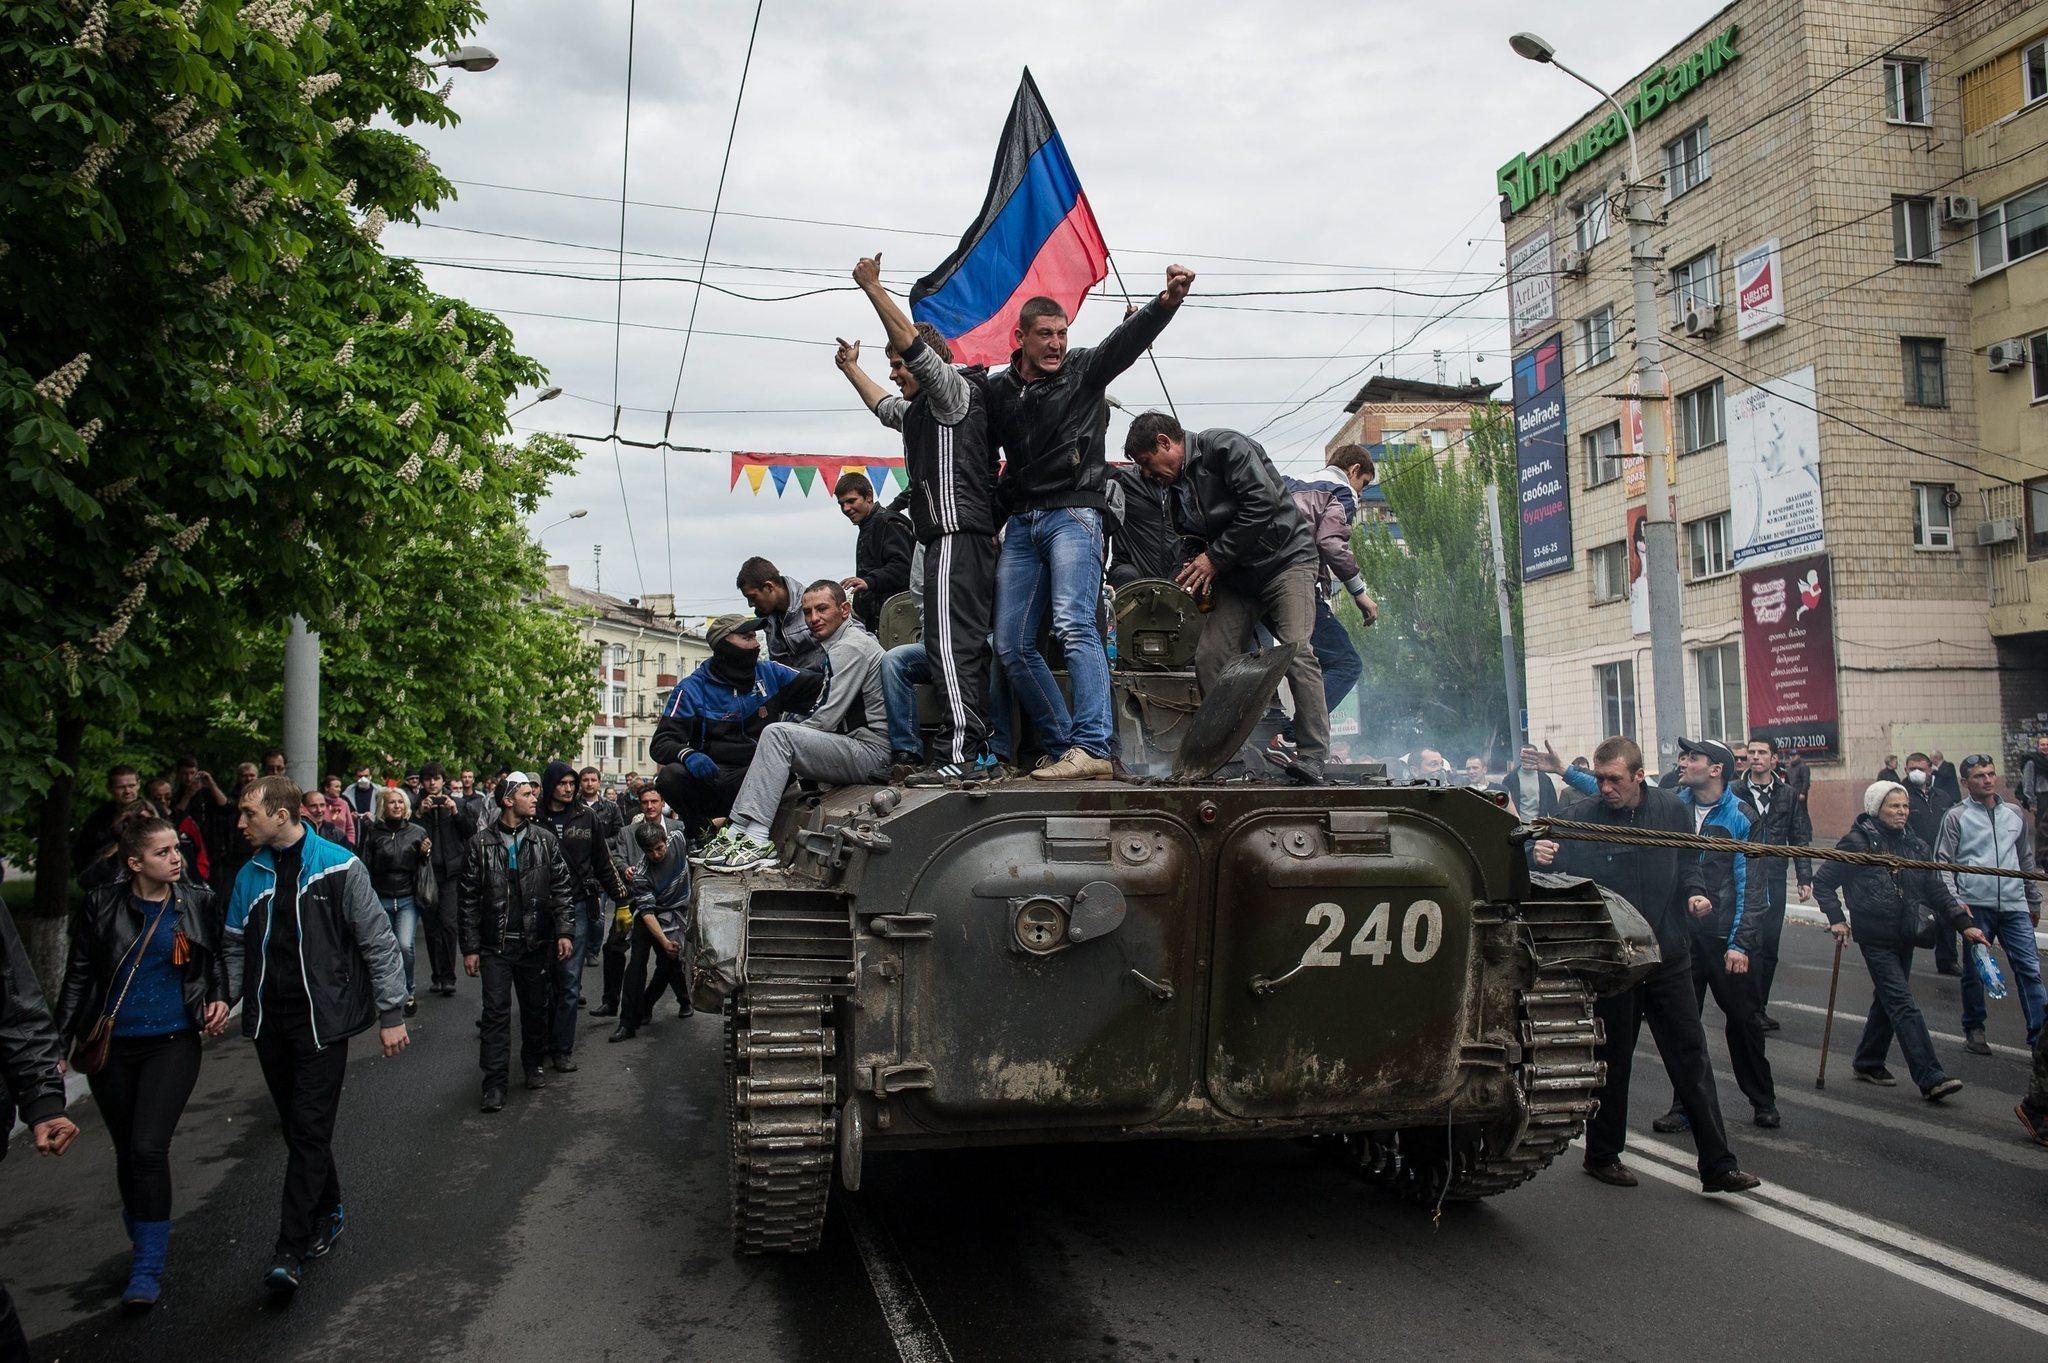 la-fg-ukraine-russia-separatist-referendum-20140510.jpeg